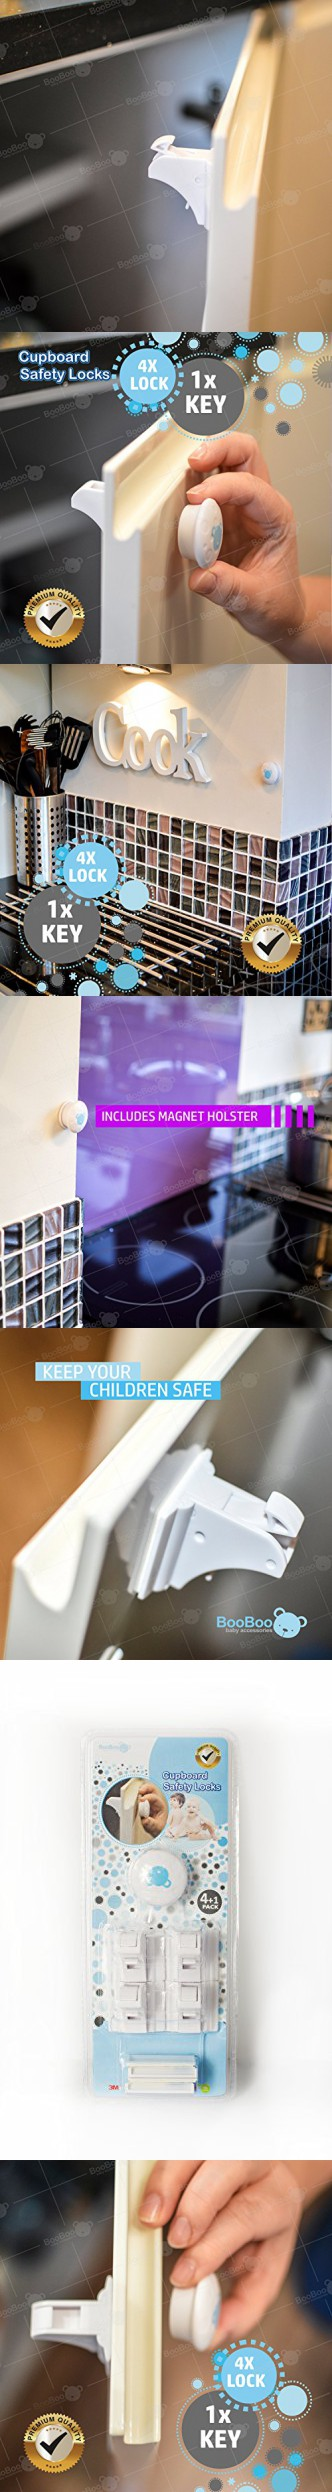 BooBoo Child/ Baby Safety Cupboard Locks (4 Locks 1 Key